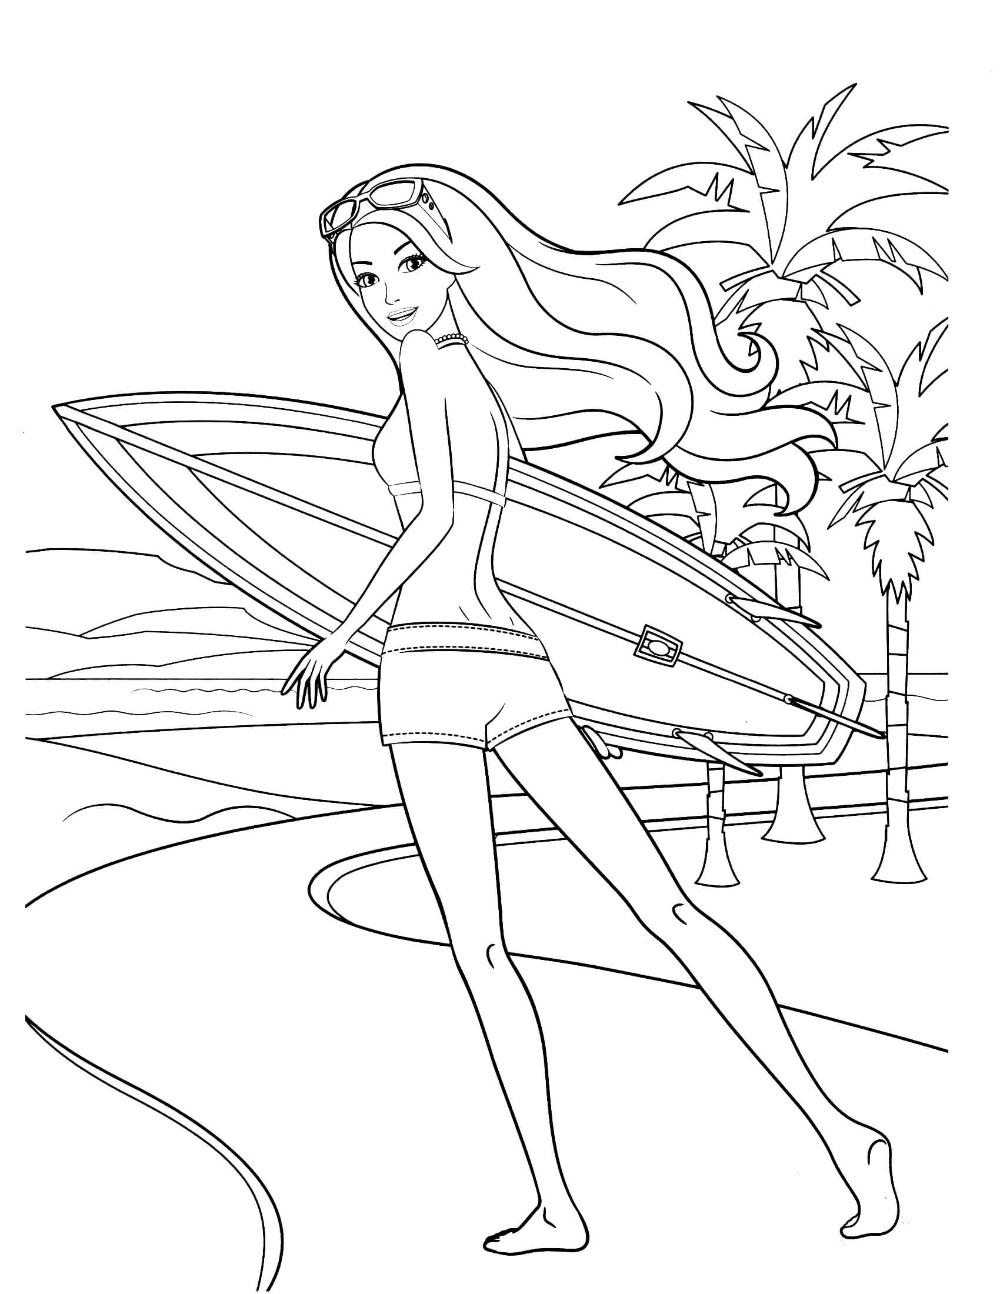 Barbie 24 Coloringcolor Com Barbie Coloring Pages Mermaid Coloring Pages Princess Coloring Pages [ 1294 x 1000 Pixel ]